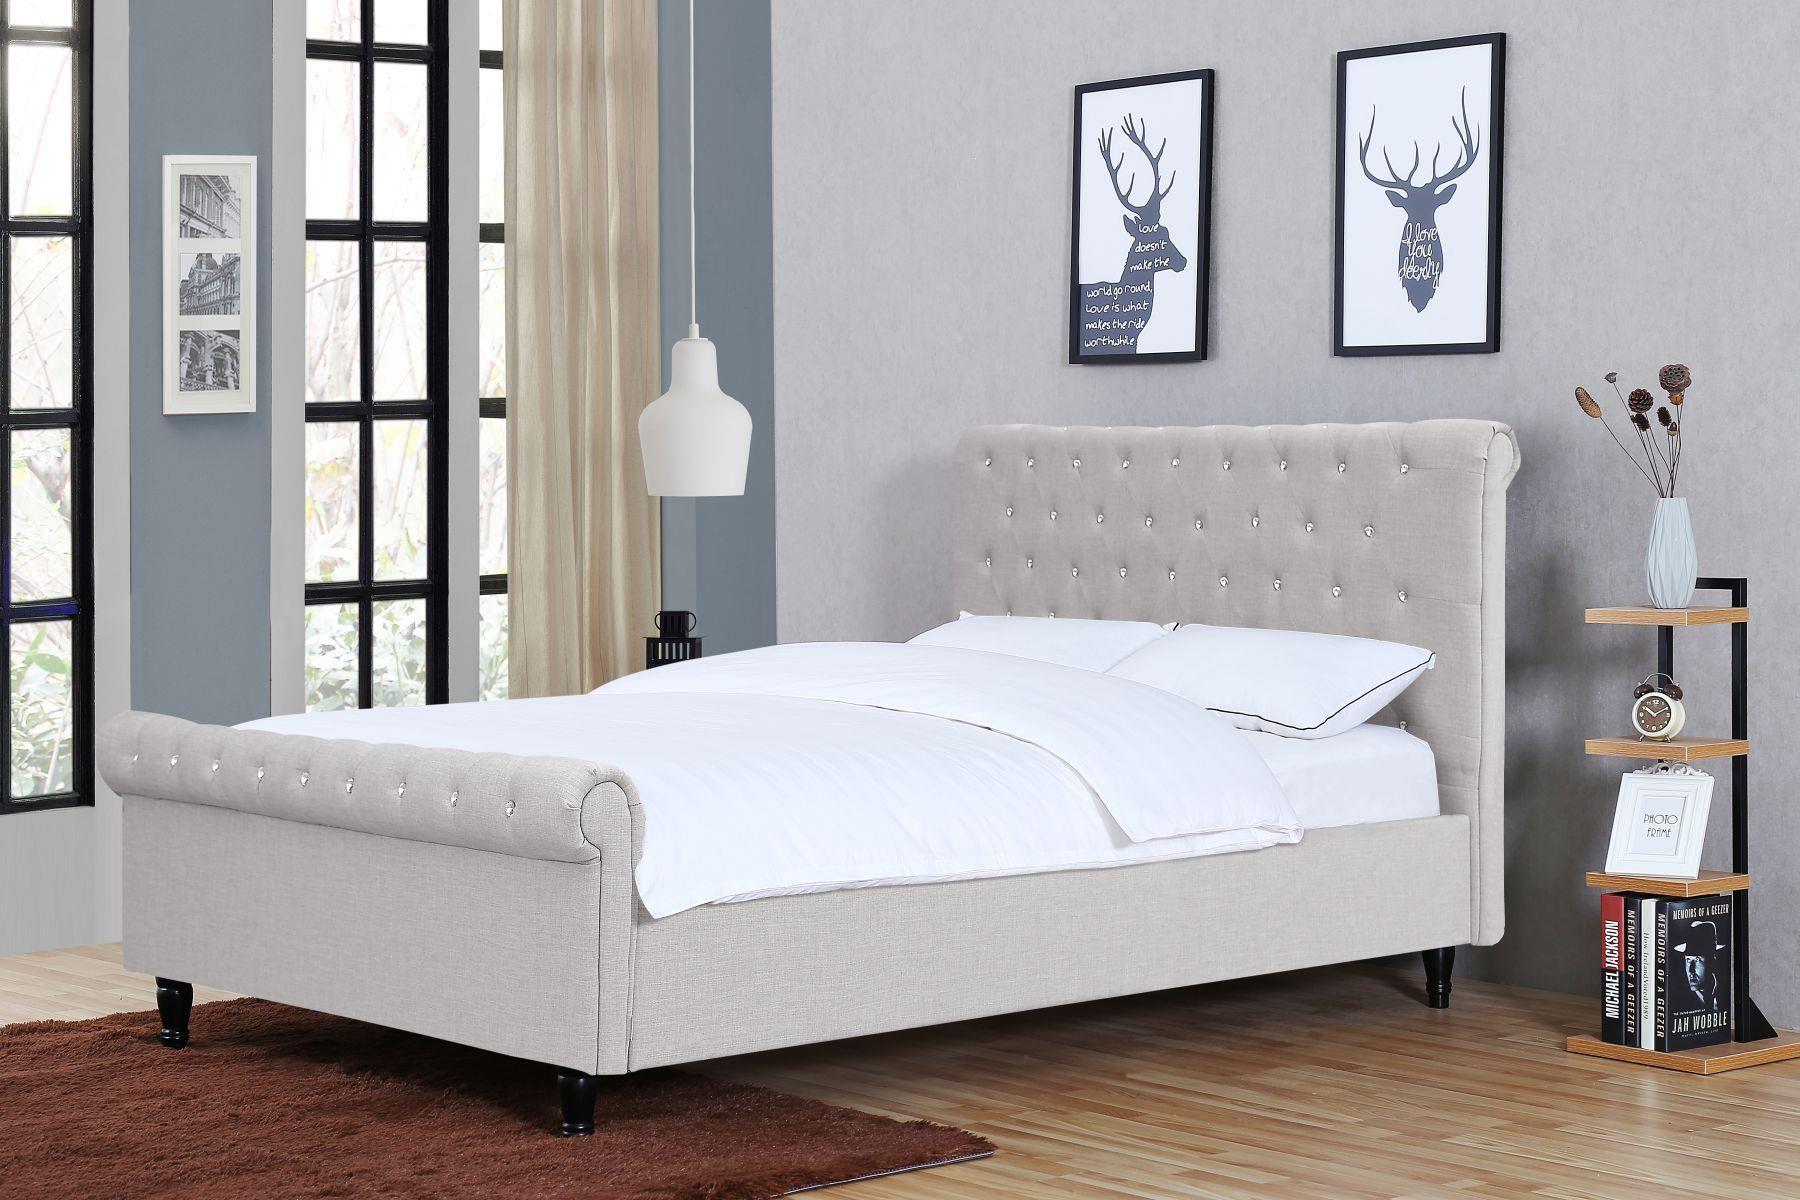 Meblemwm łóżko Tapicerowane 140x200 1130 Beż